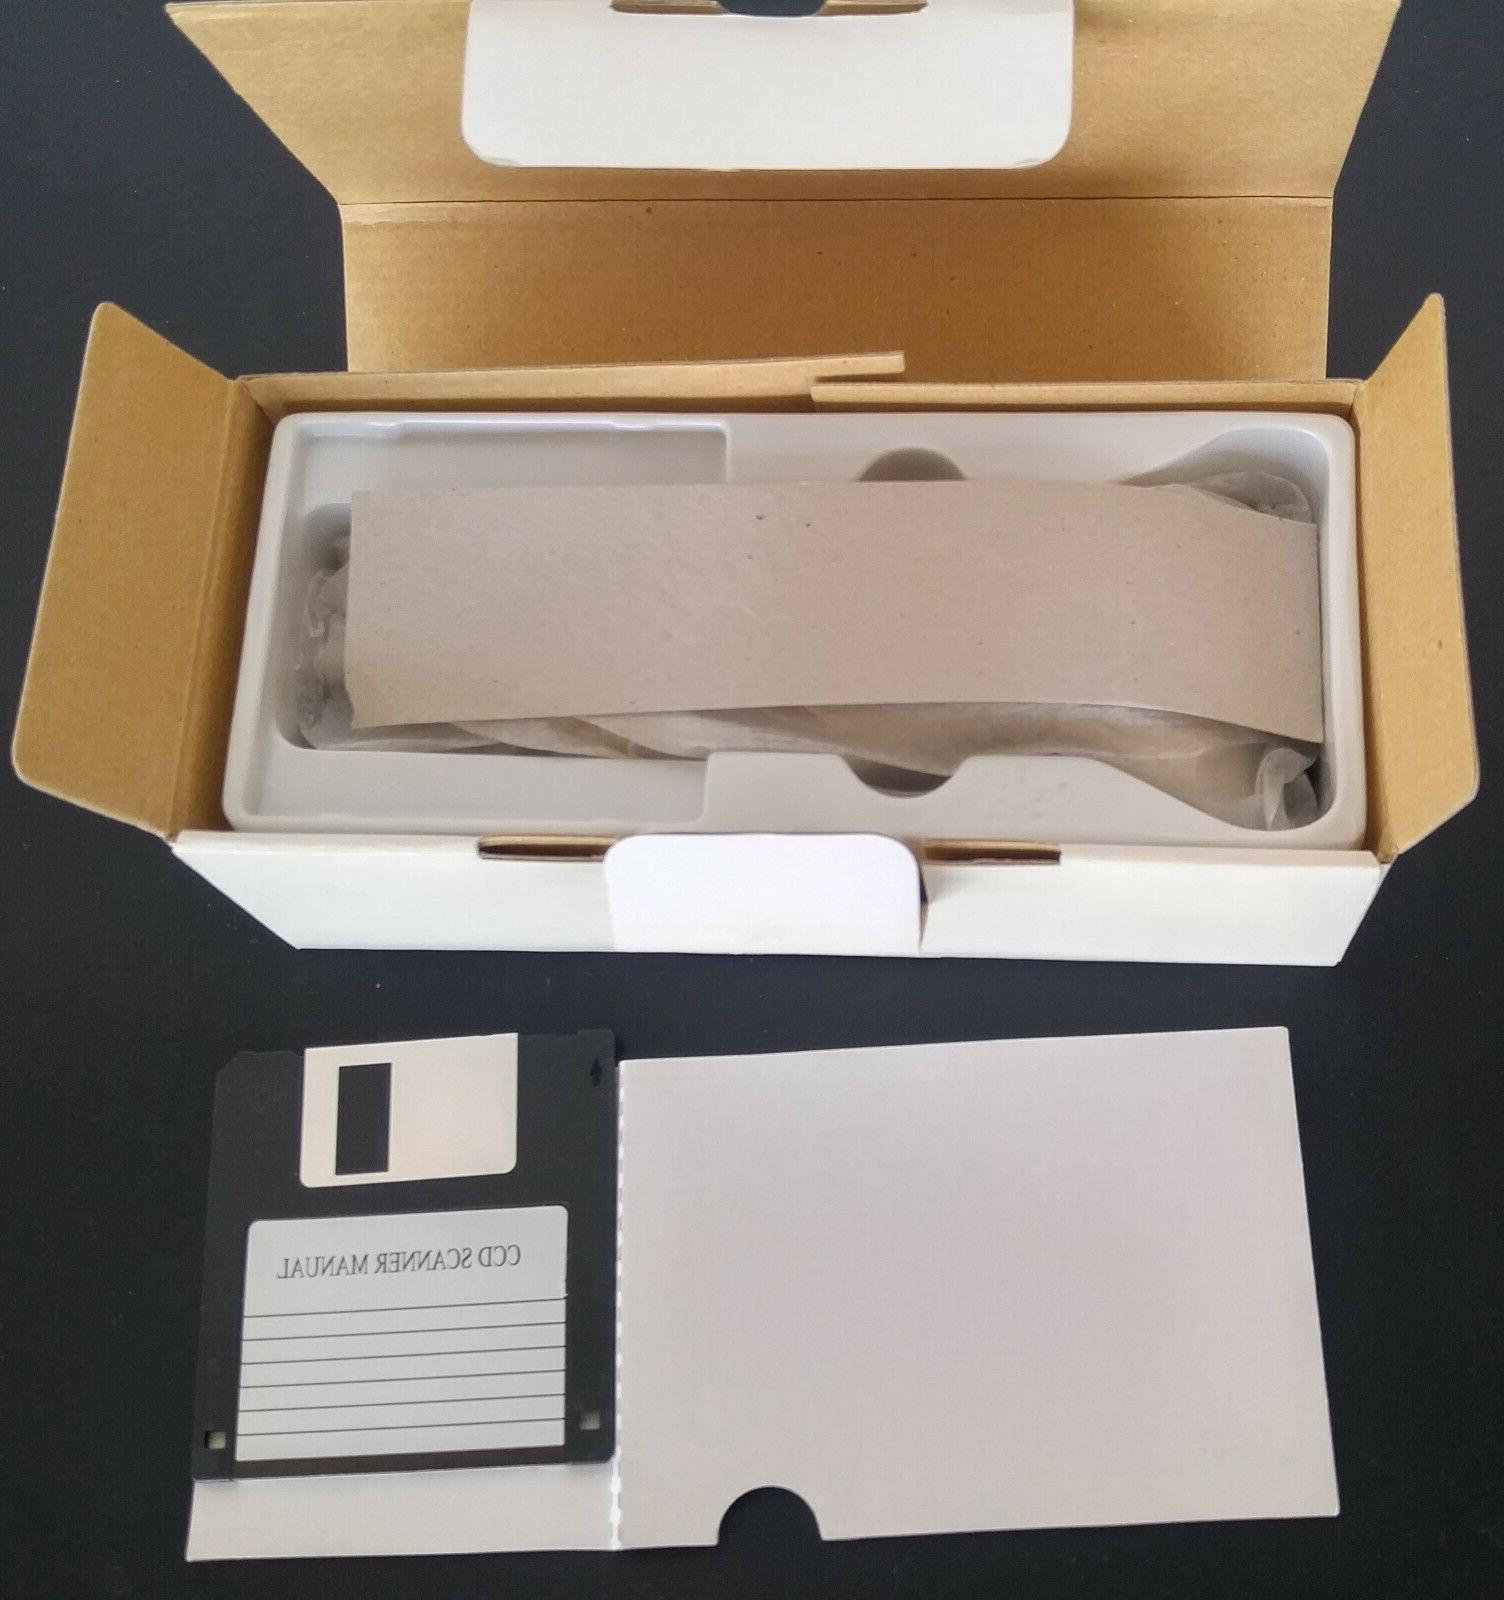 CIPHER-LAB AM1000 Barcode Scanner